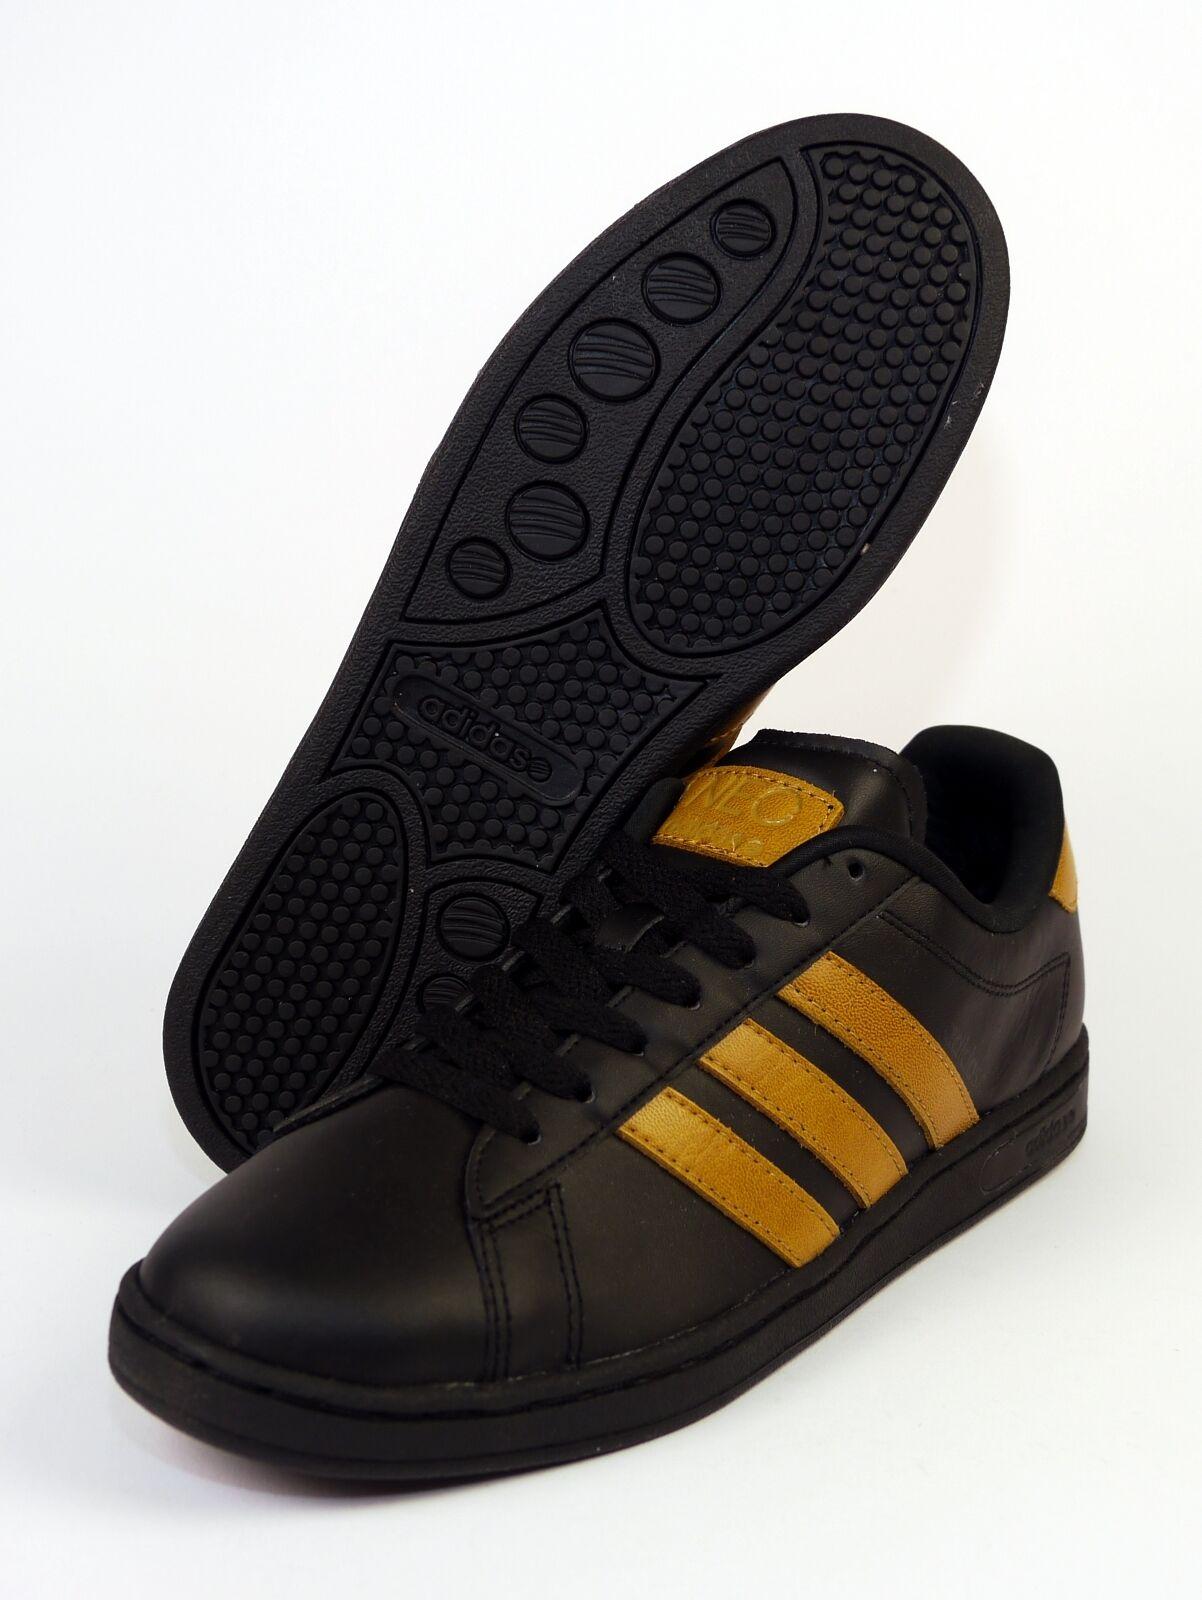 Adidas Neo DERBY II LE Hombre Zapatillas Zapatillas piel nuevo emb. orig.